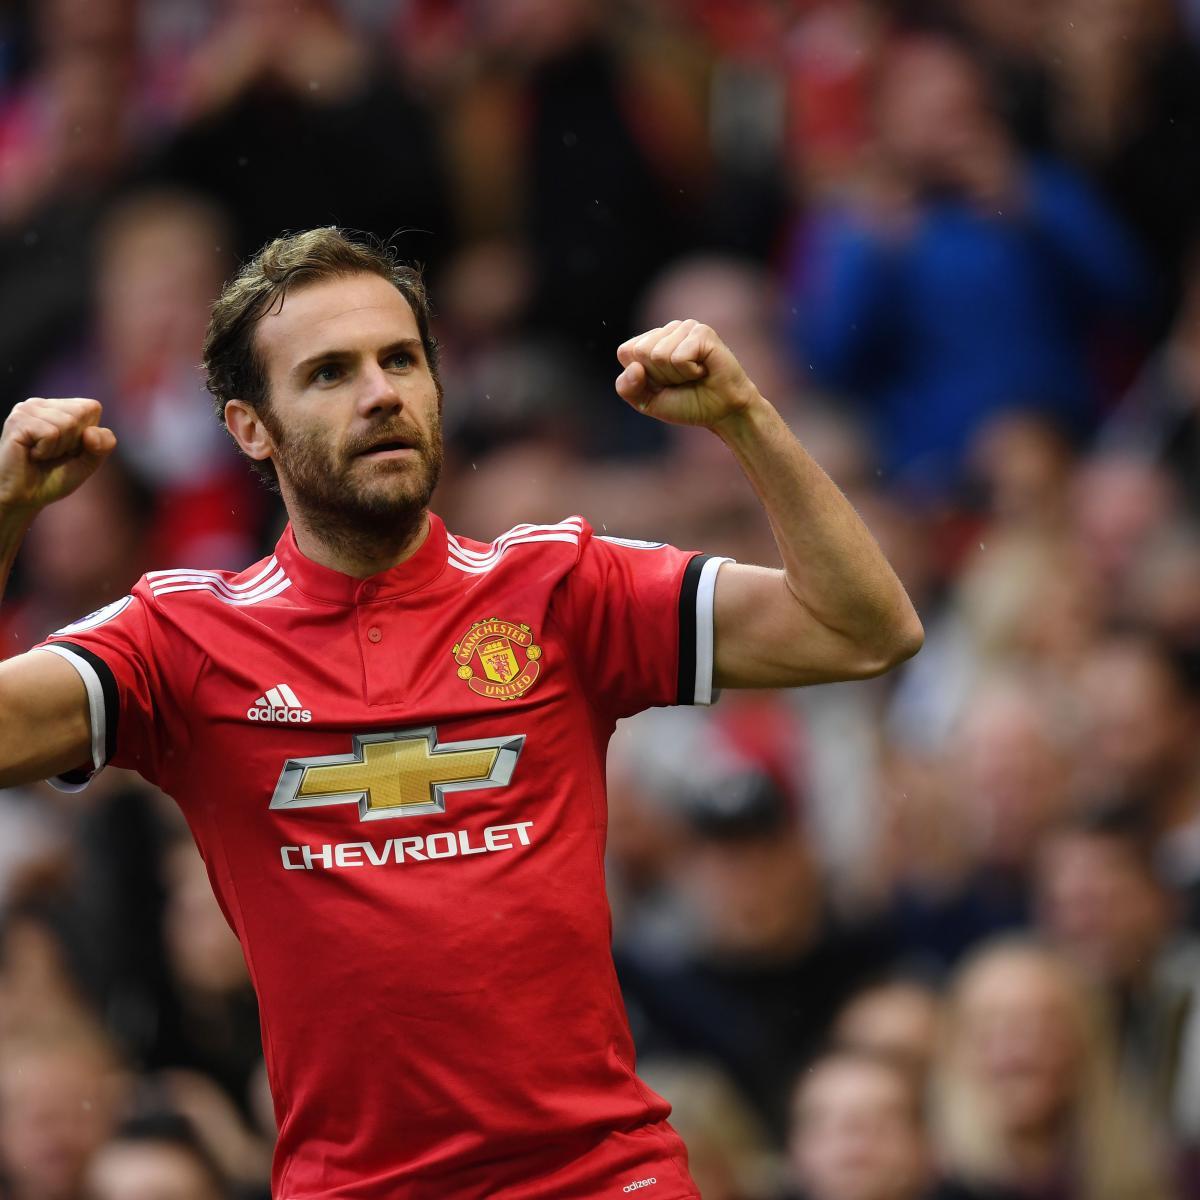 Manchester United Transfer News Latest Rumours On Lucas: Manchester United Transfer News: China Offer For Juan Mata